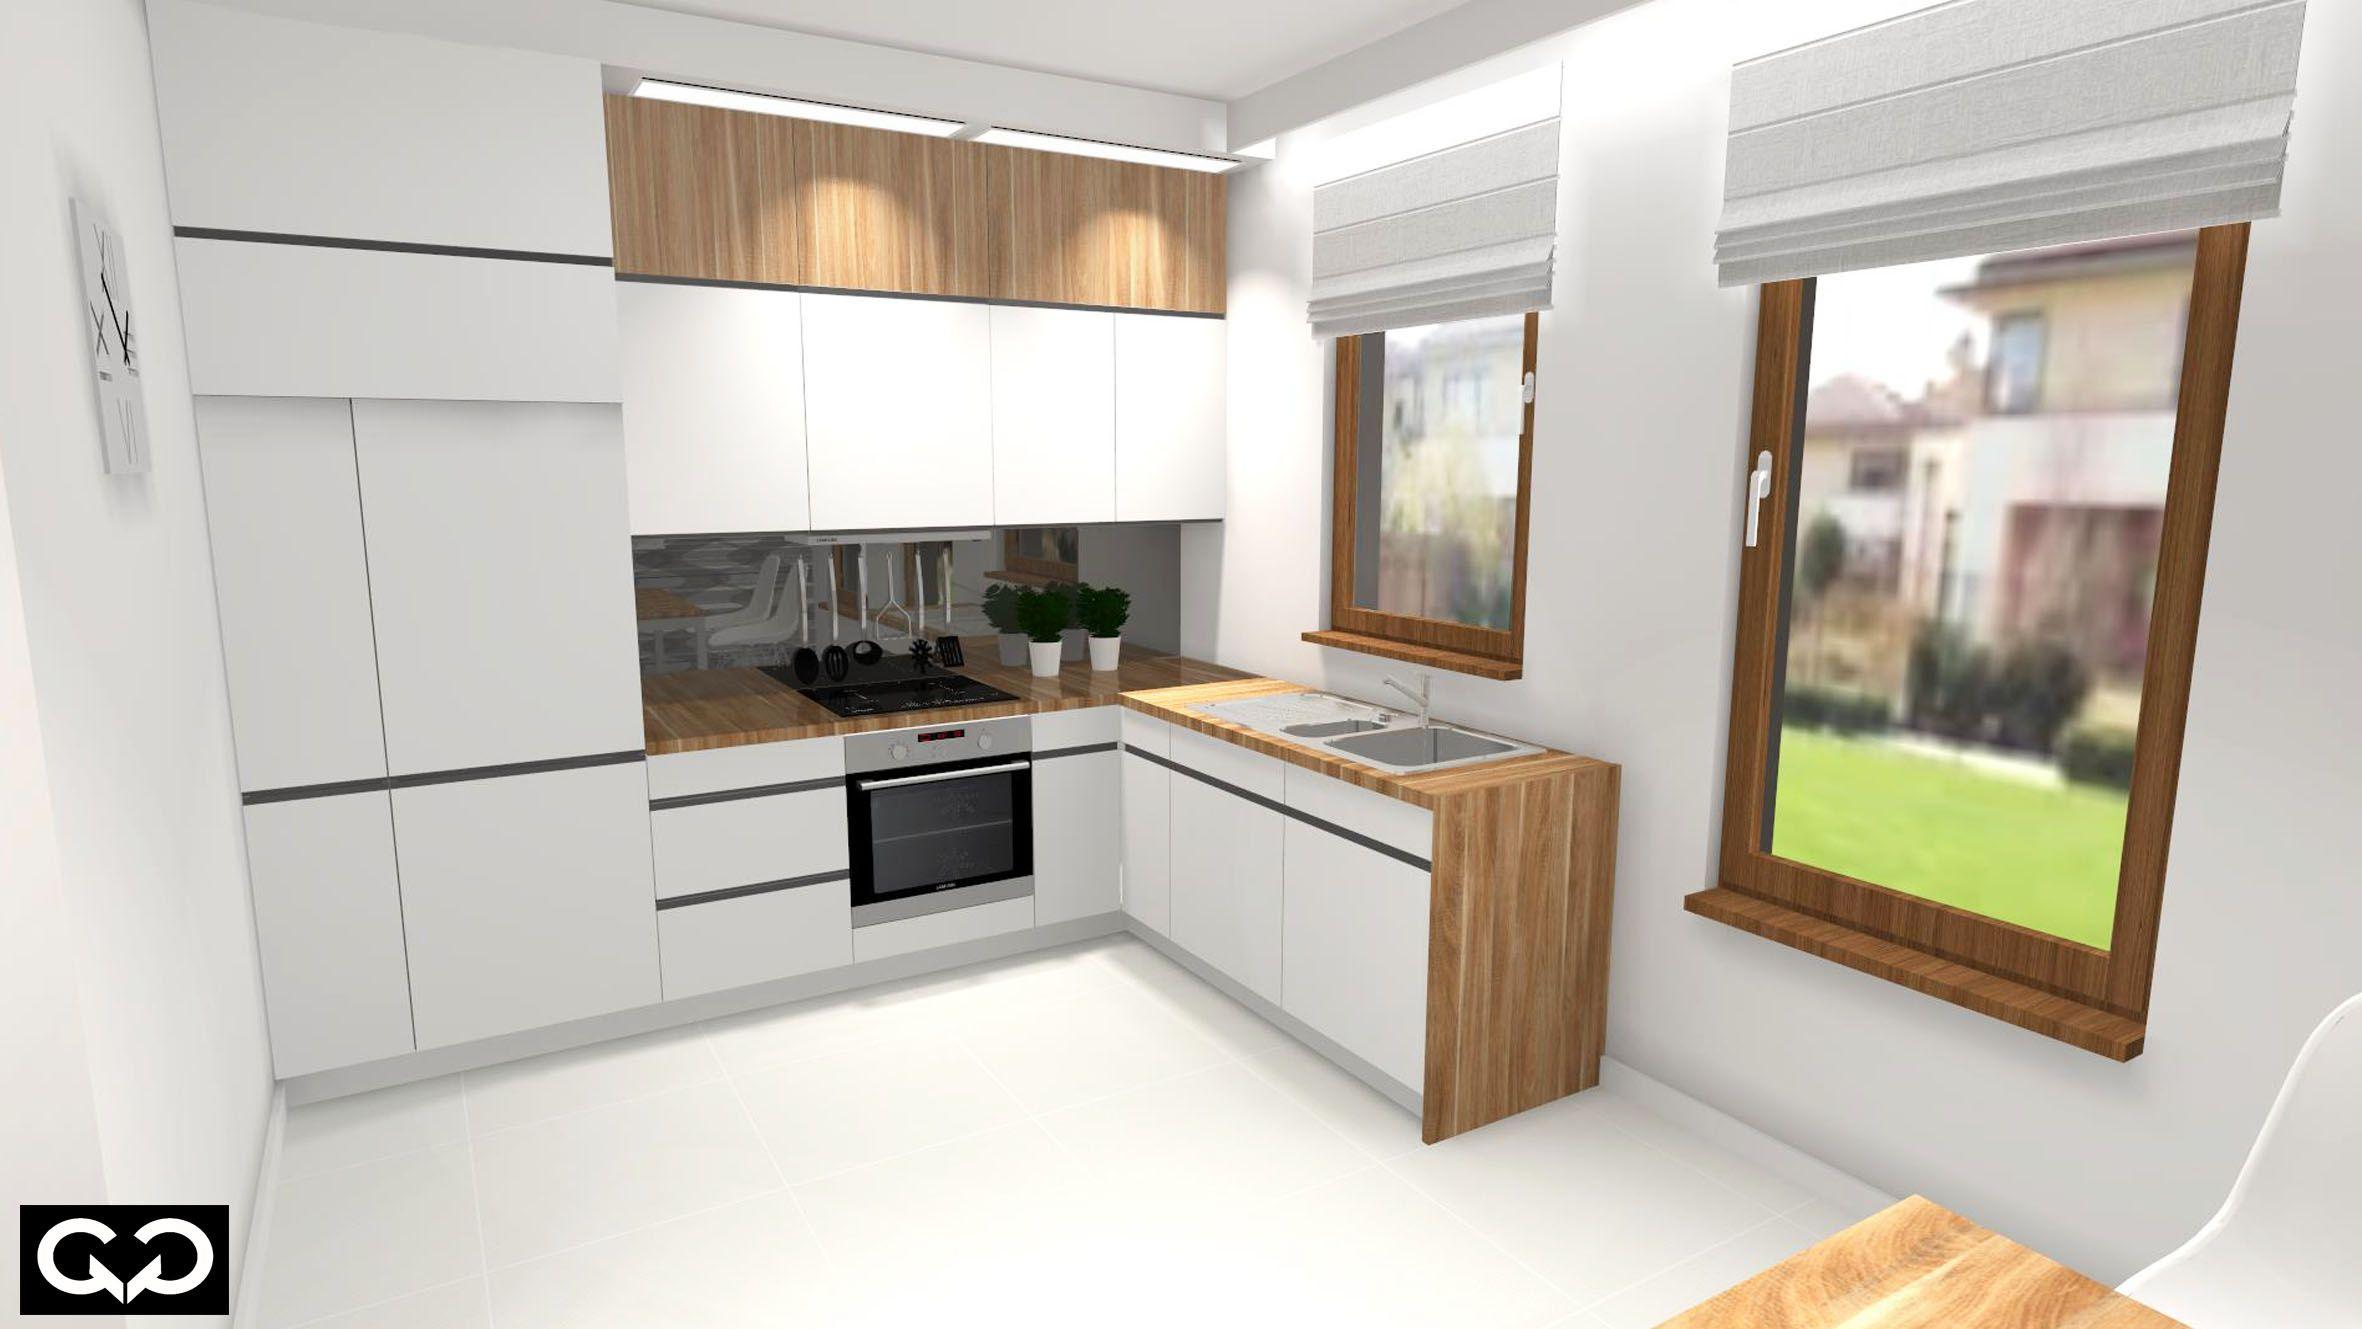 Nowoczesna Kuchnia Biel I Drewno Home Decor Kitchen Cabinets Home